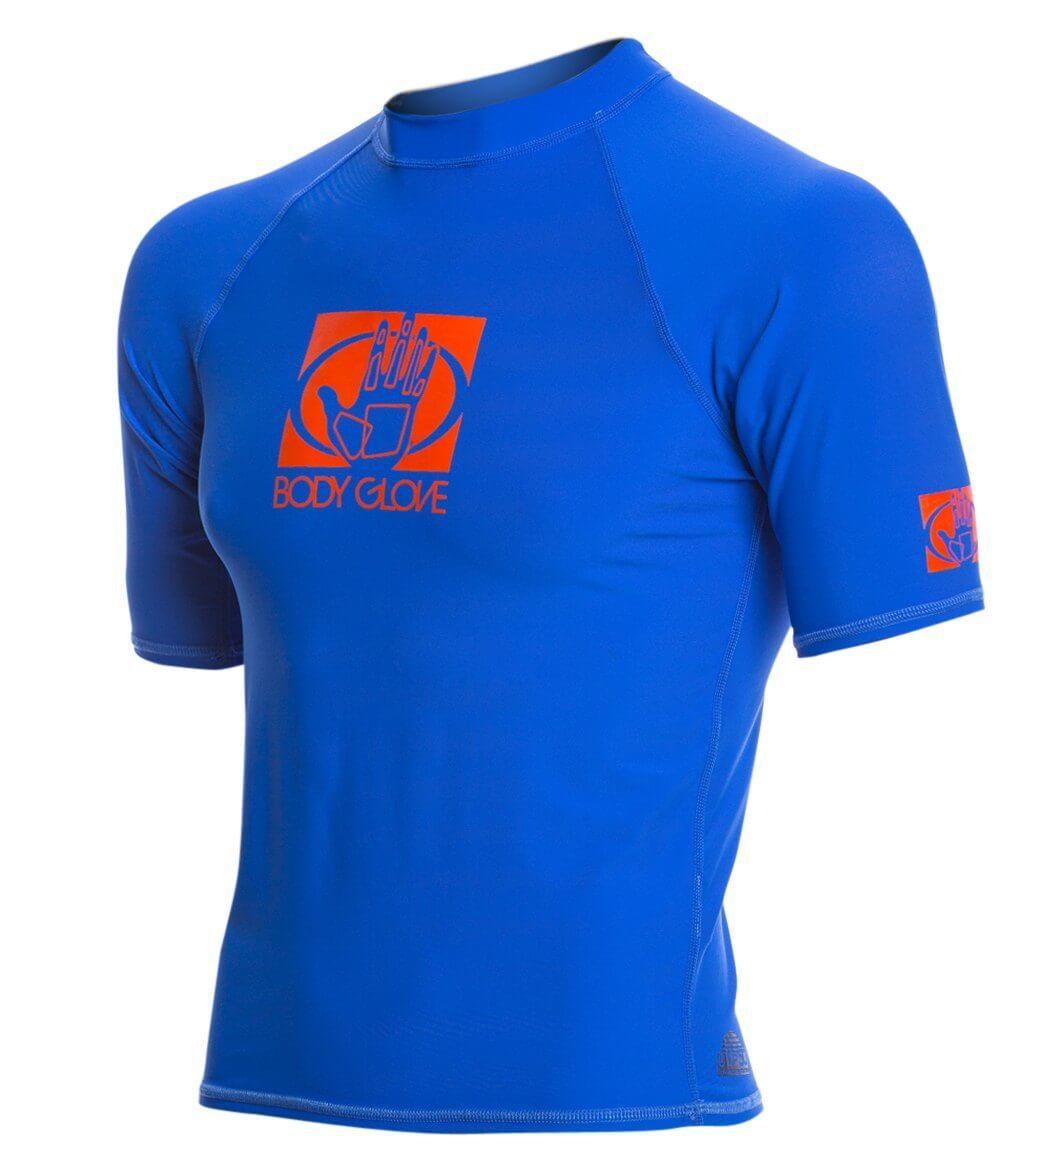 אדיר חולצת לייקרה שרוול קצר לגברים BASIC BODY GLOVE - - חולצות לייקרה UVP NF-97